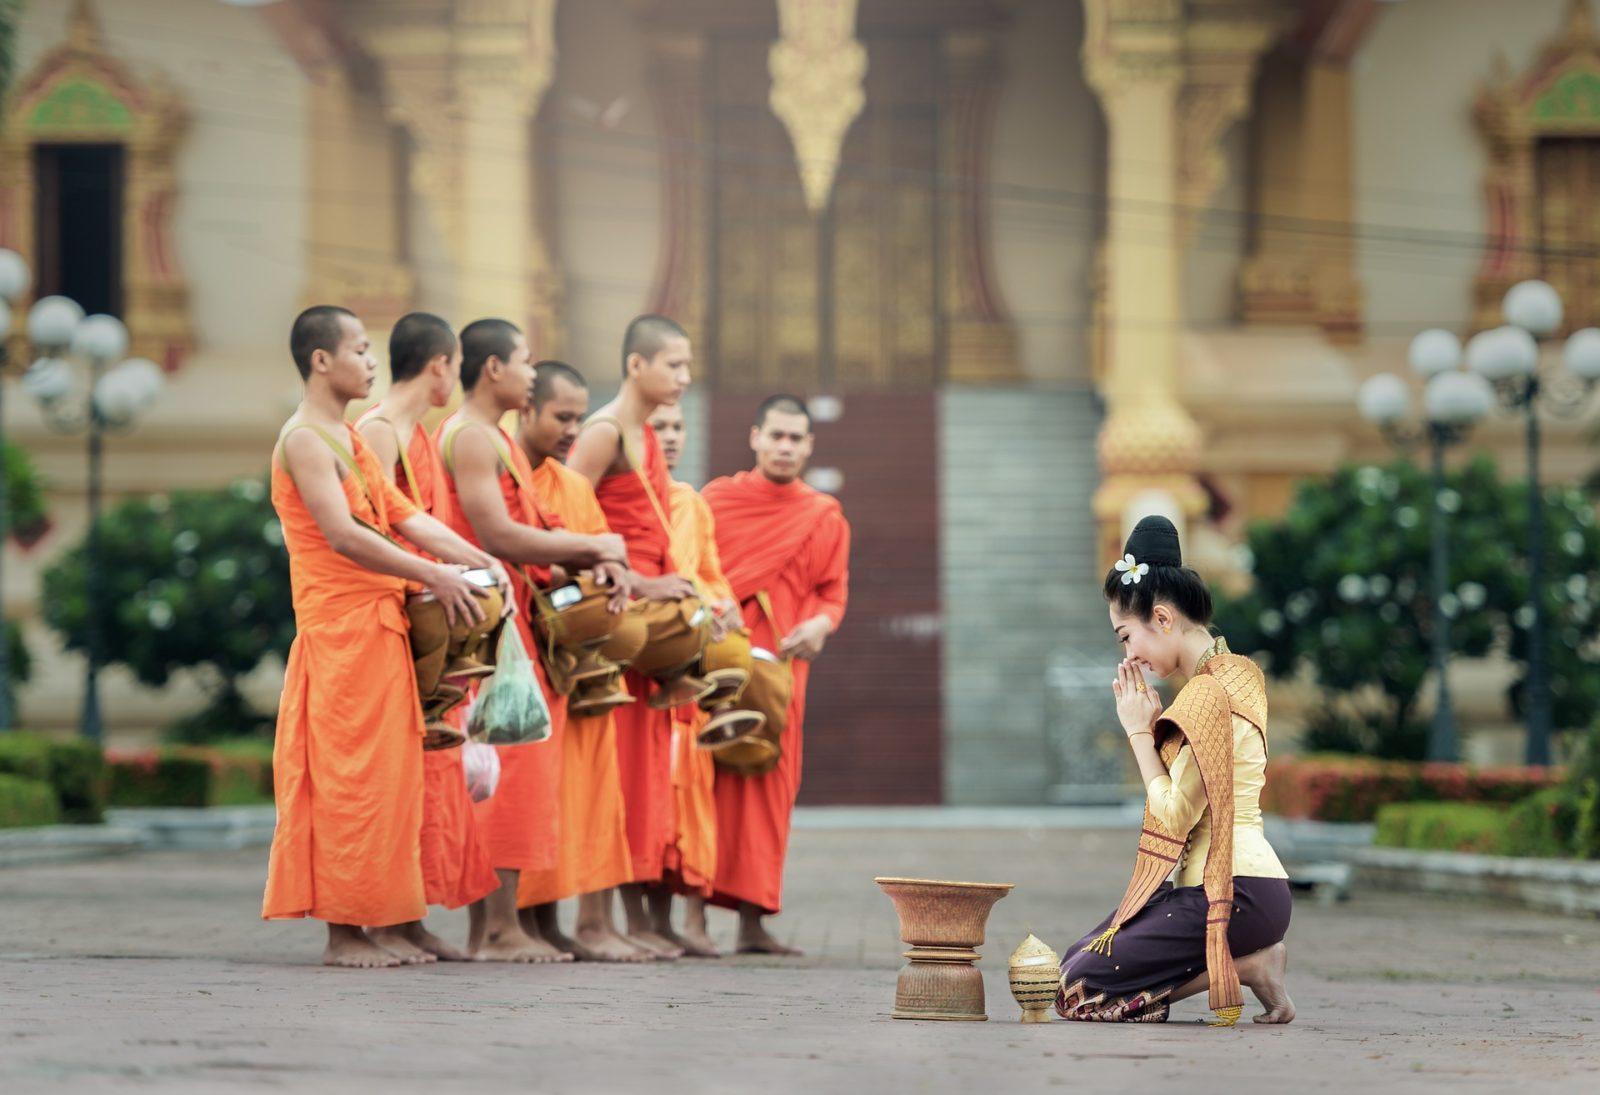 泰国特殊群体:22.9万性工作者服务国外游客,年利达2600亿